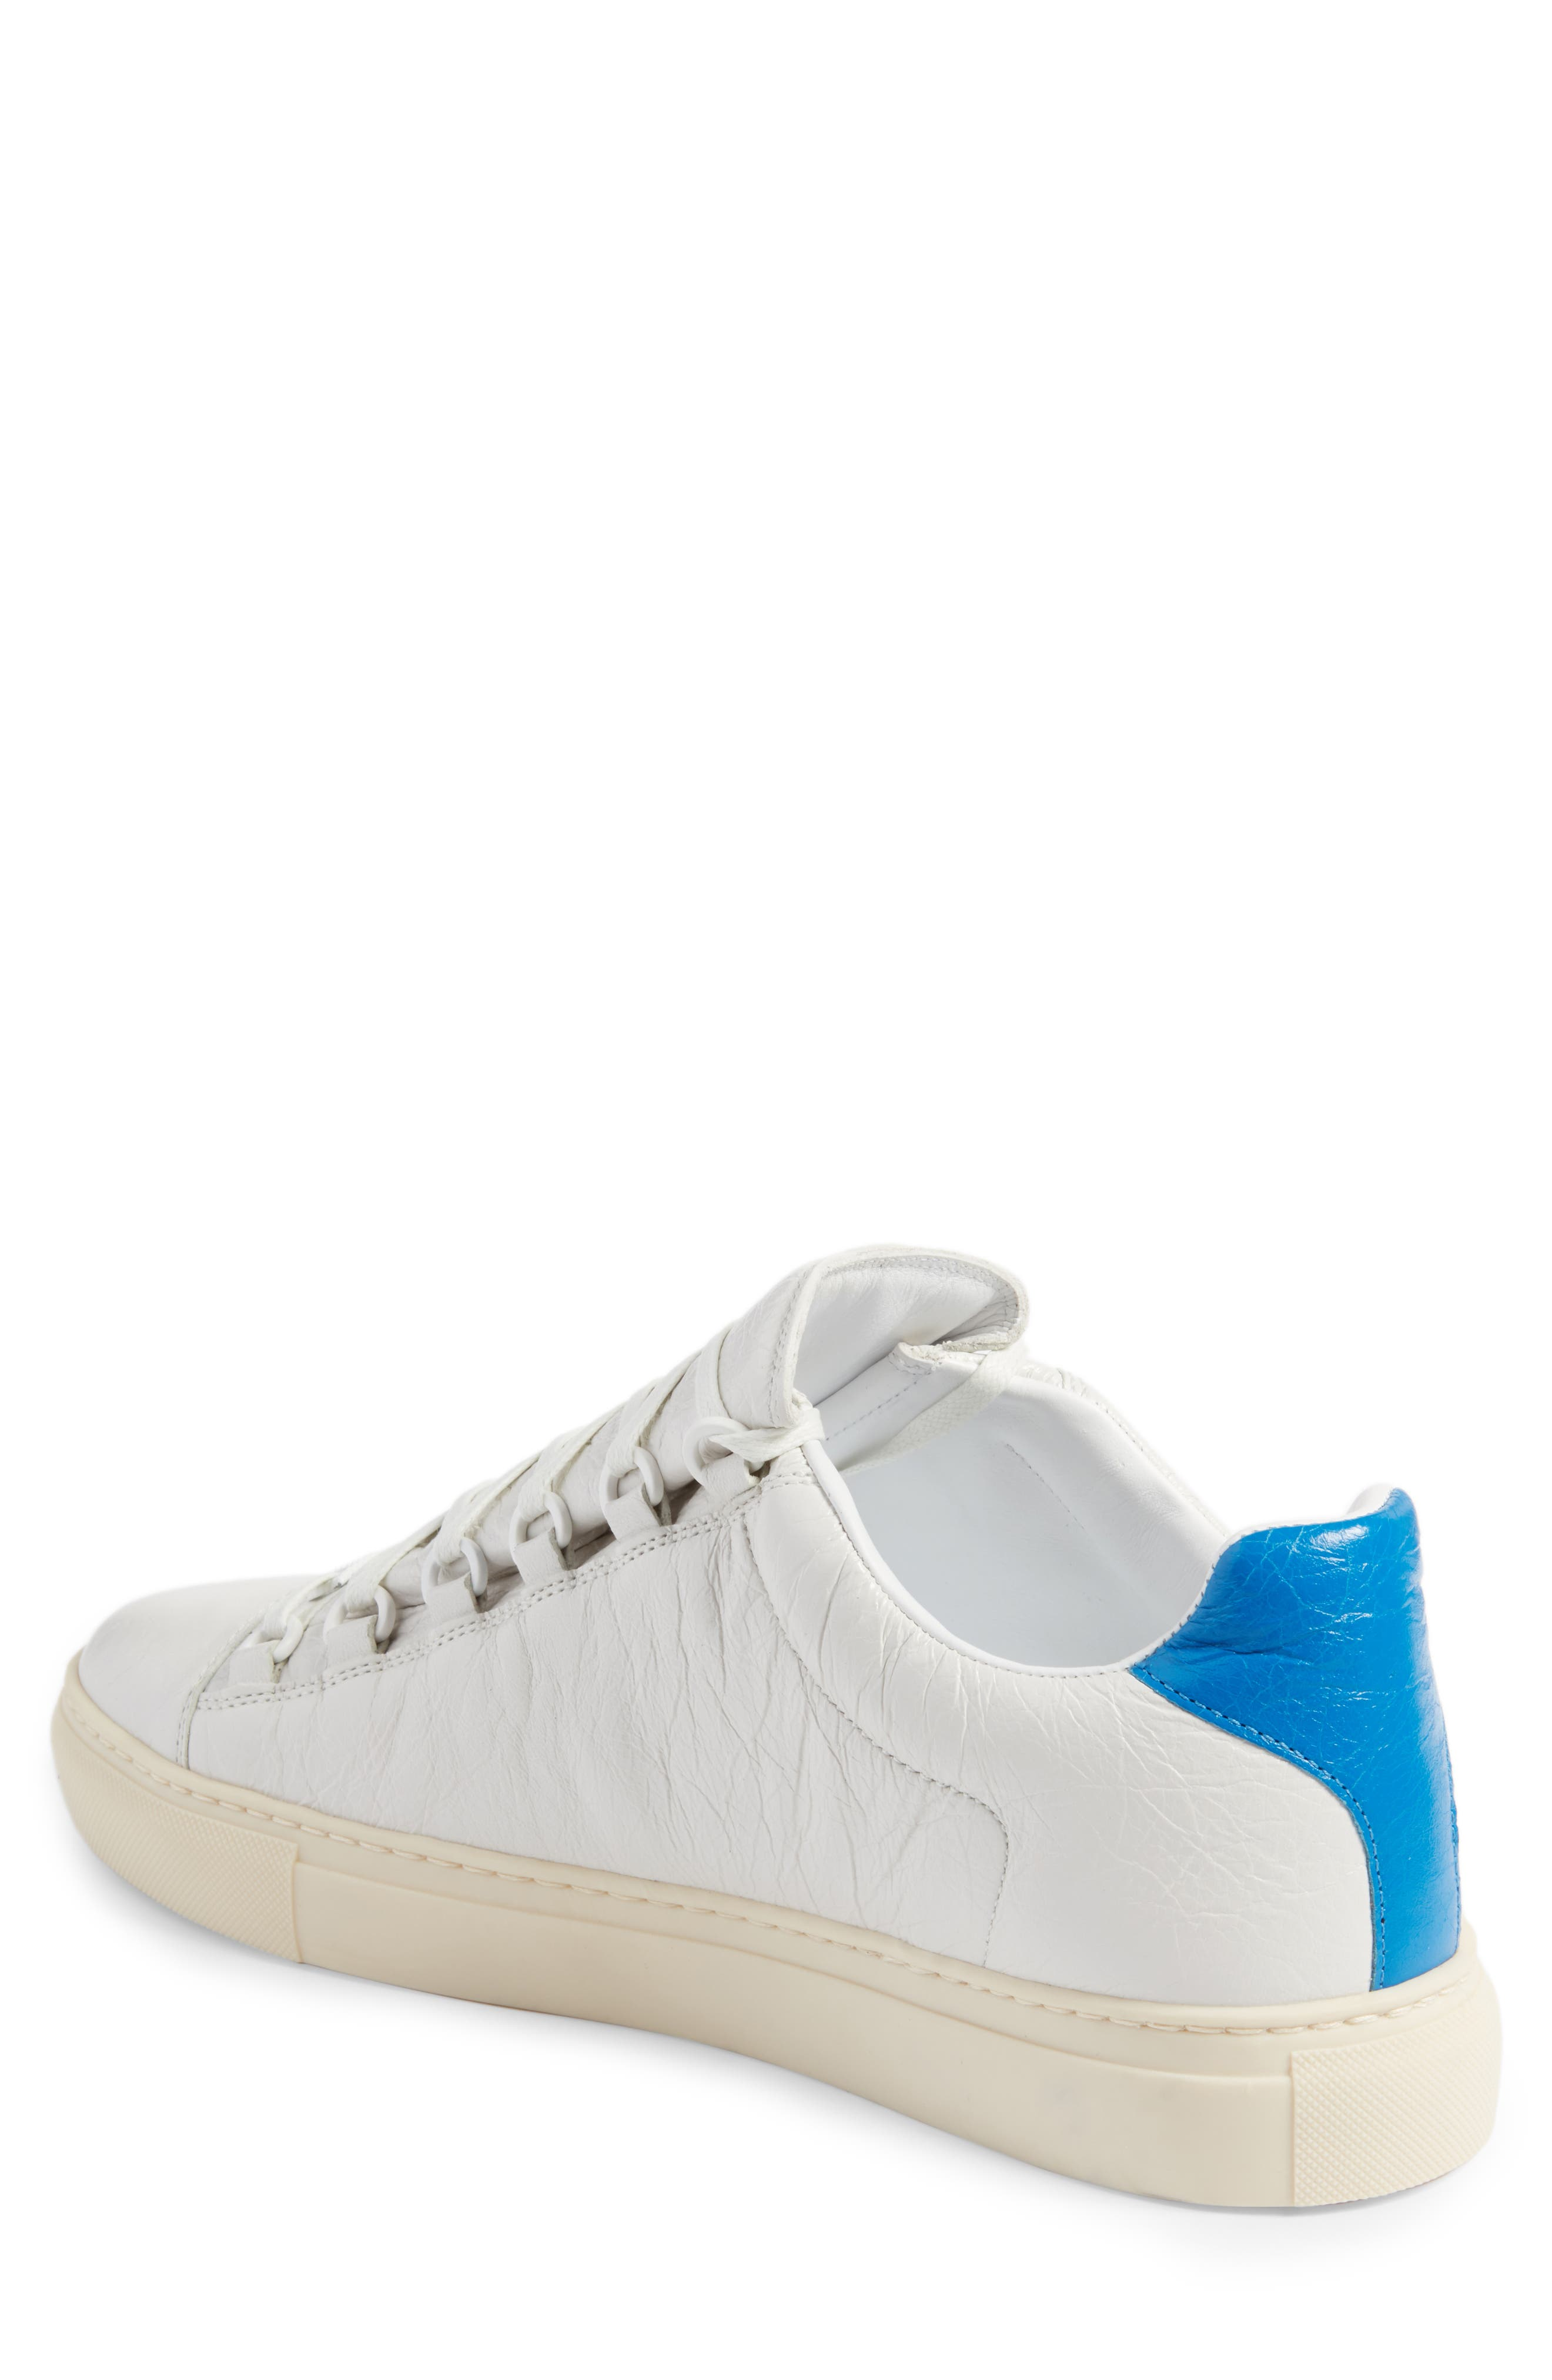 Arena Low Sneaker,                             Alternate thumbnail 2, color,                             105